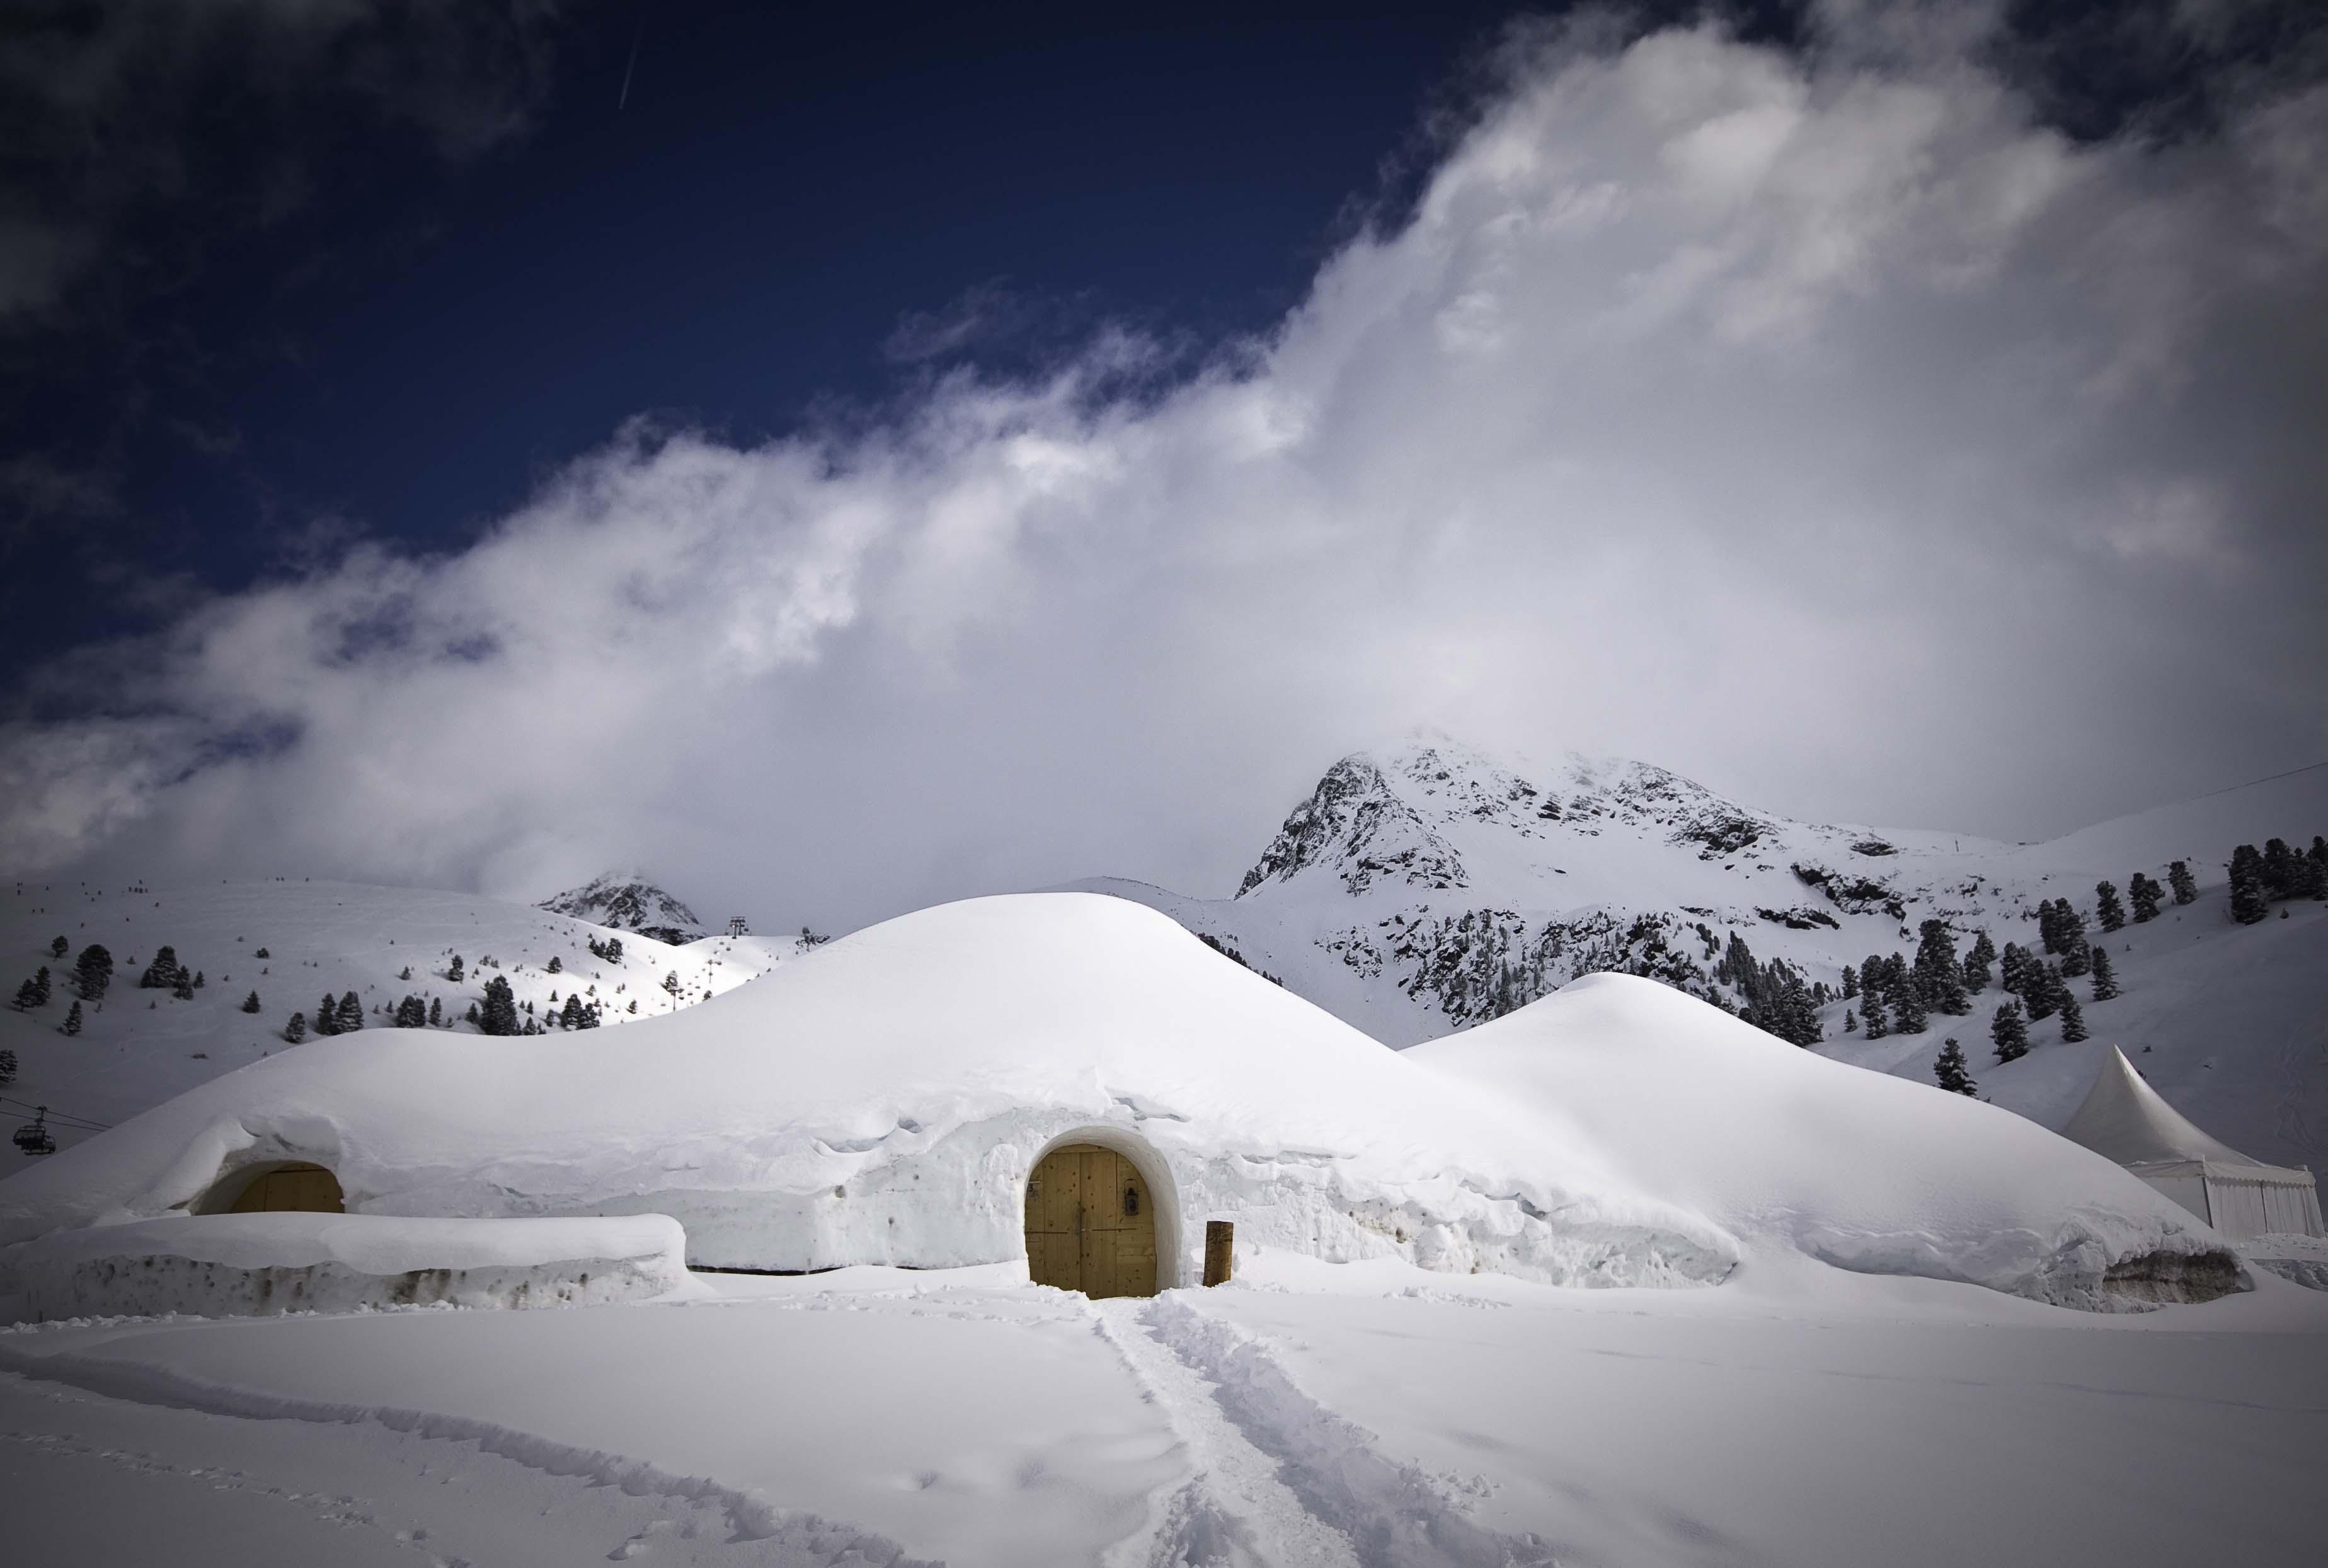 Innsbruck_Kuhtai_Iglu Village